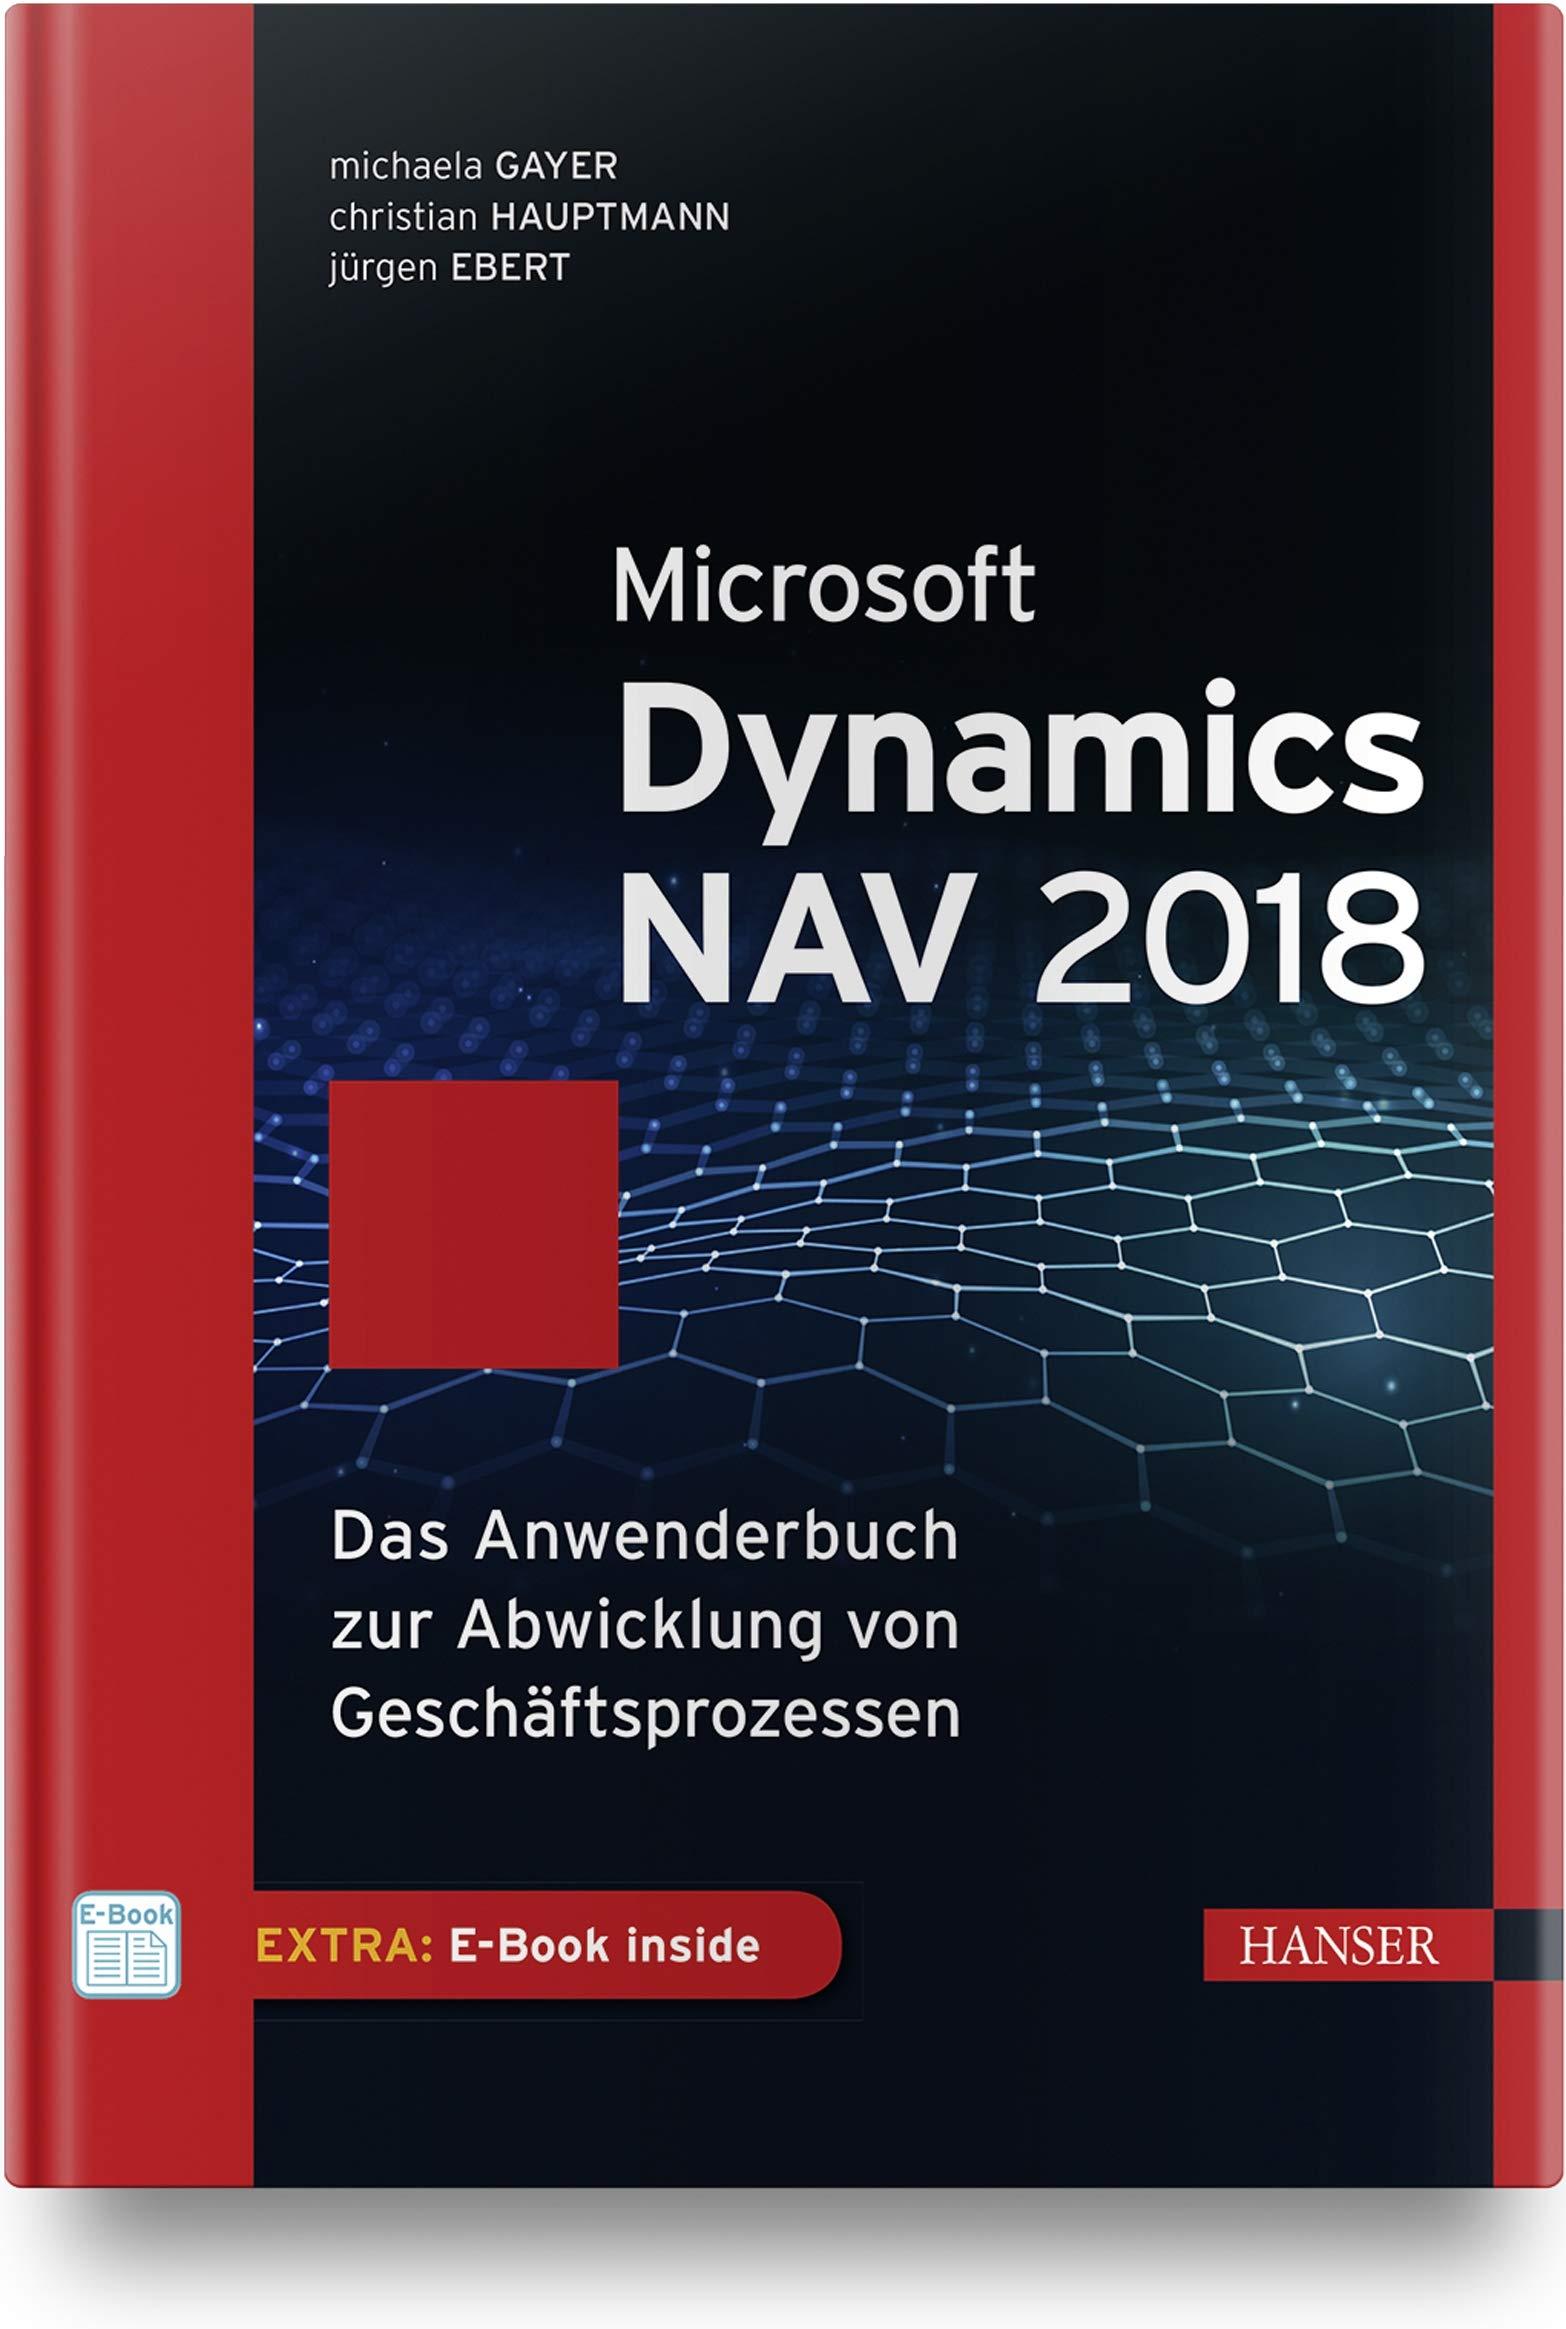 Microsoft Dynamics NAV 2018  Das Anwenderbuch Zur Abwicklung Von Geschäftsprozessen